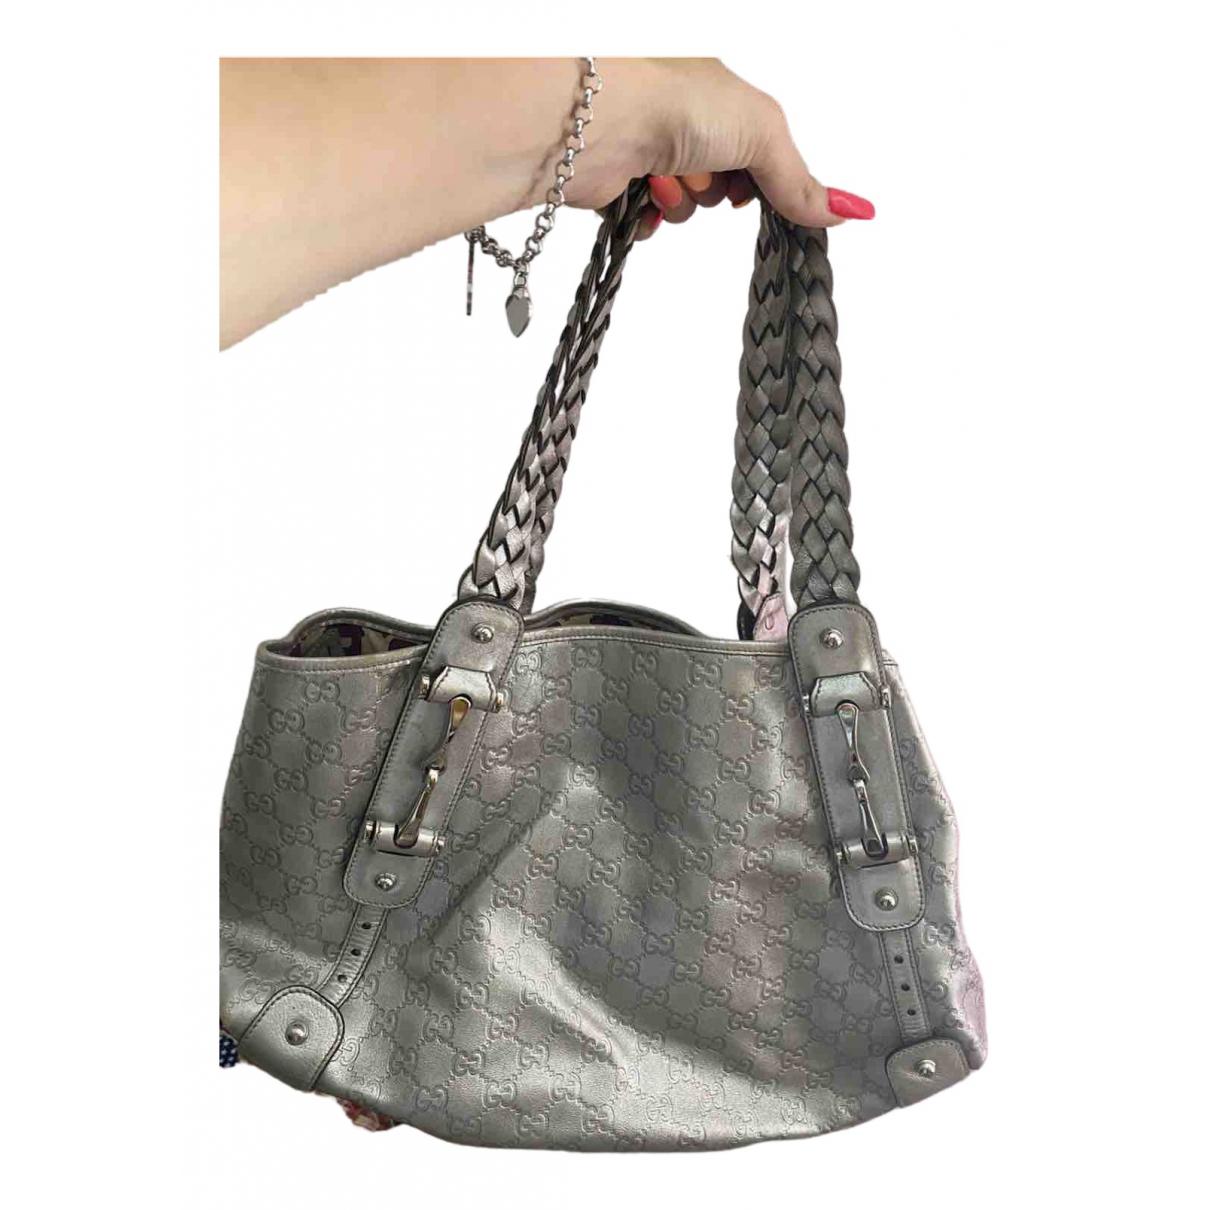 Gucci \N Silver Leather handbag for Women \N